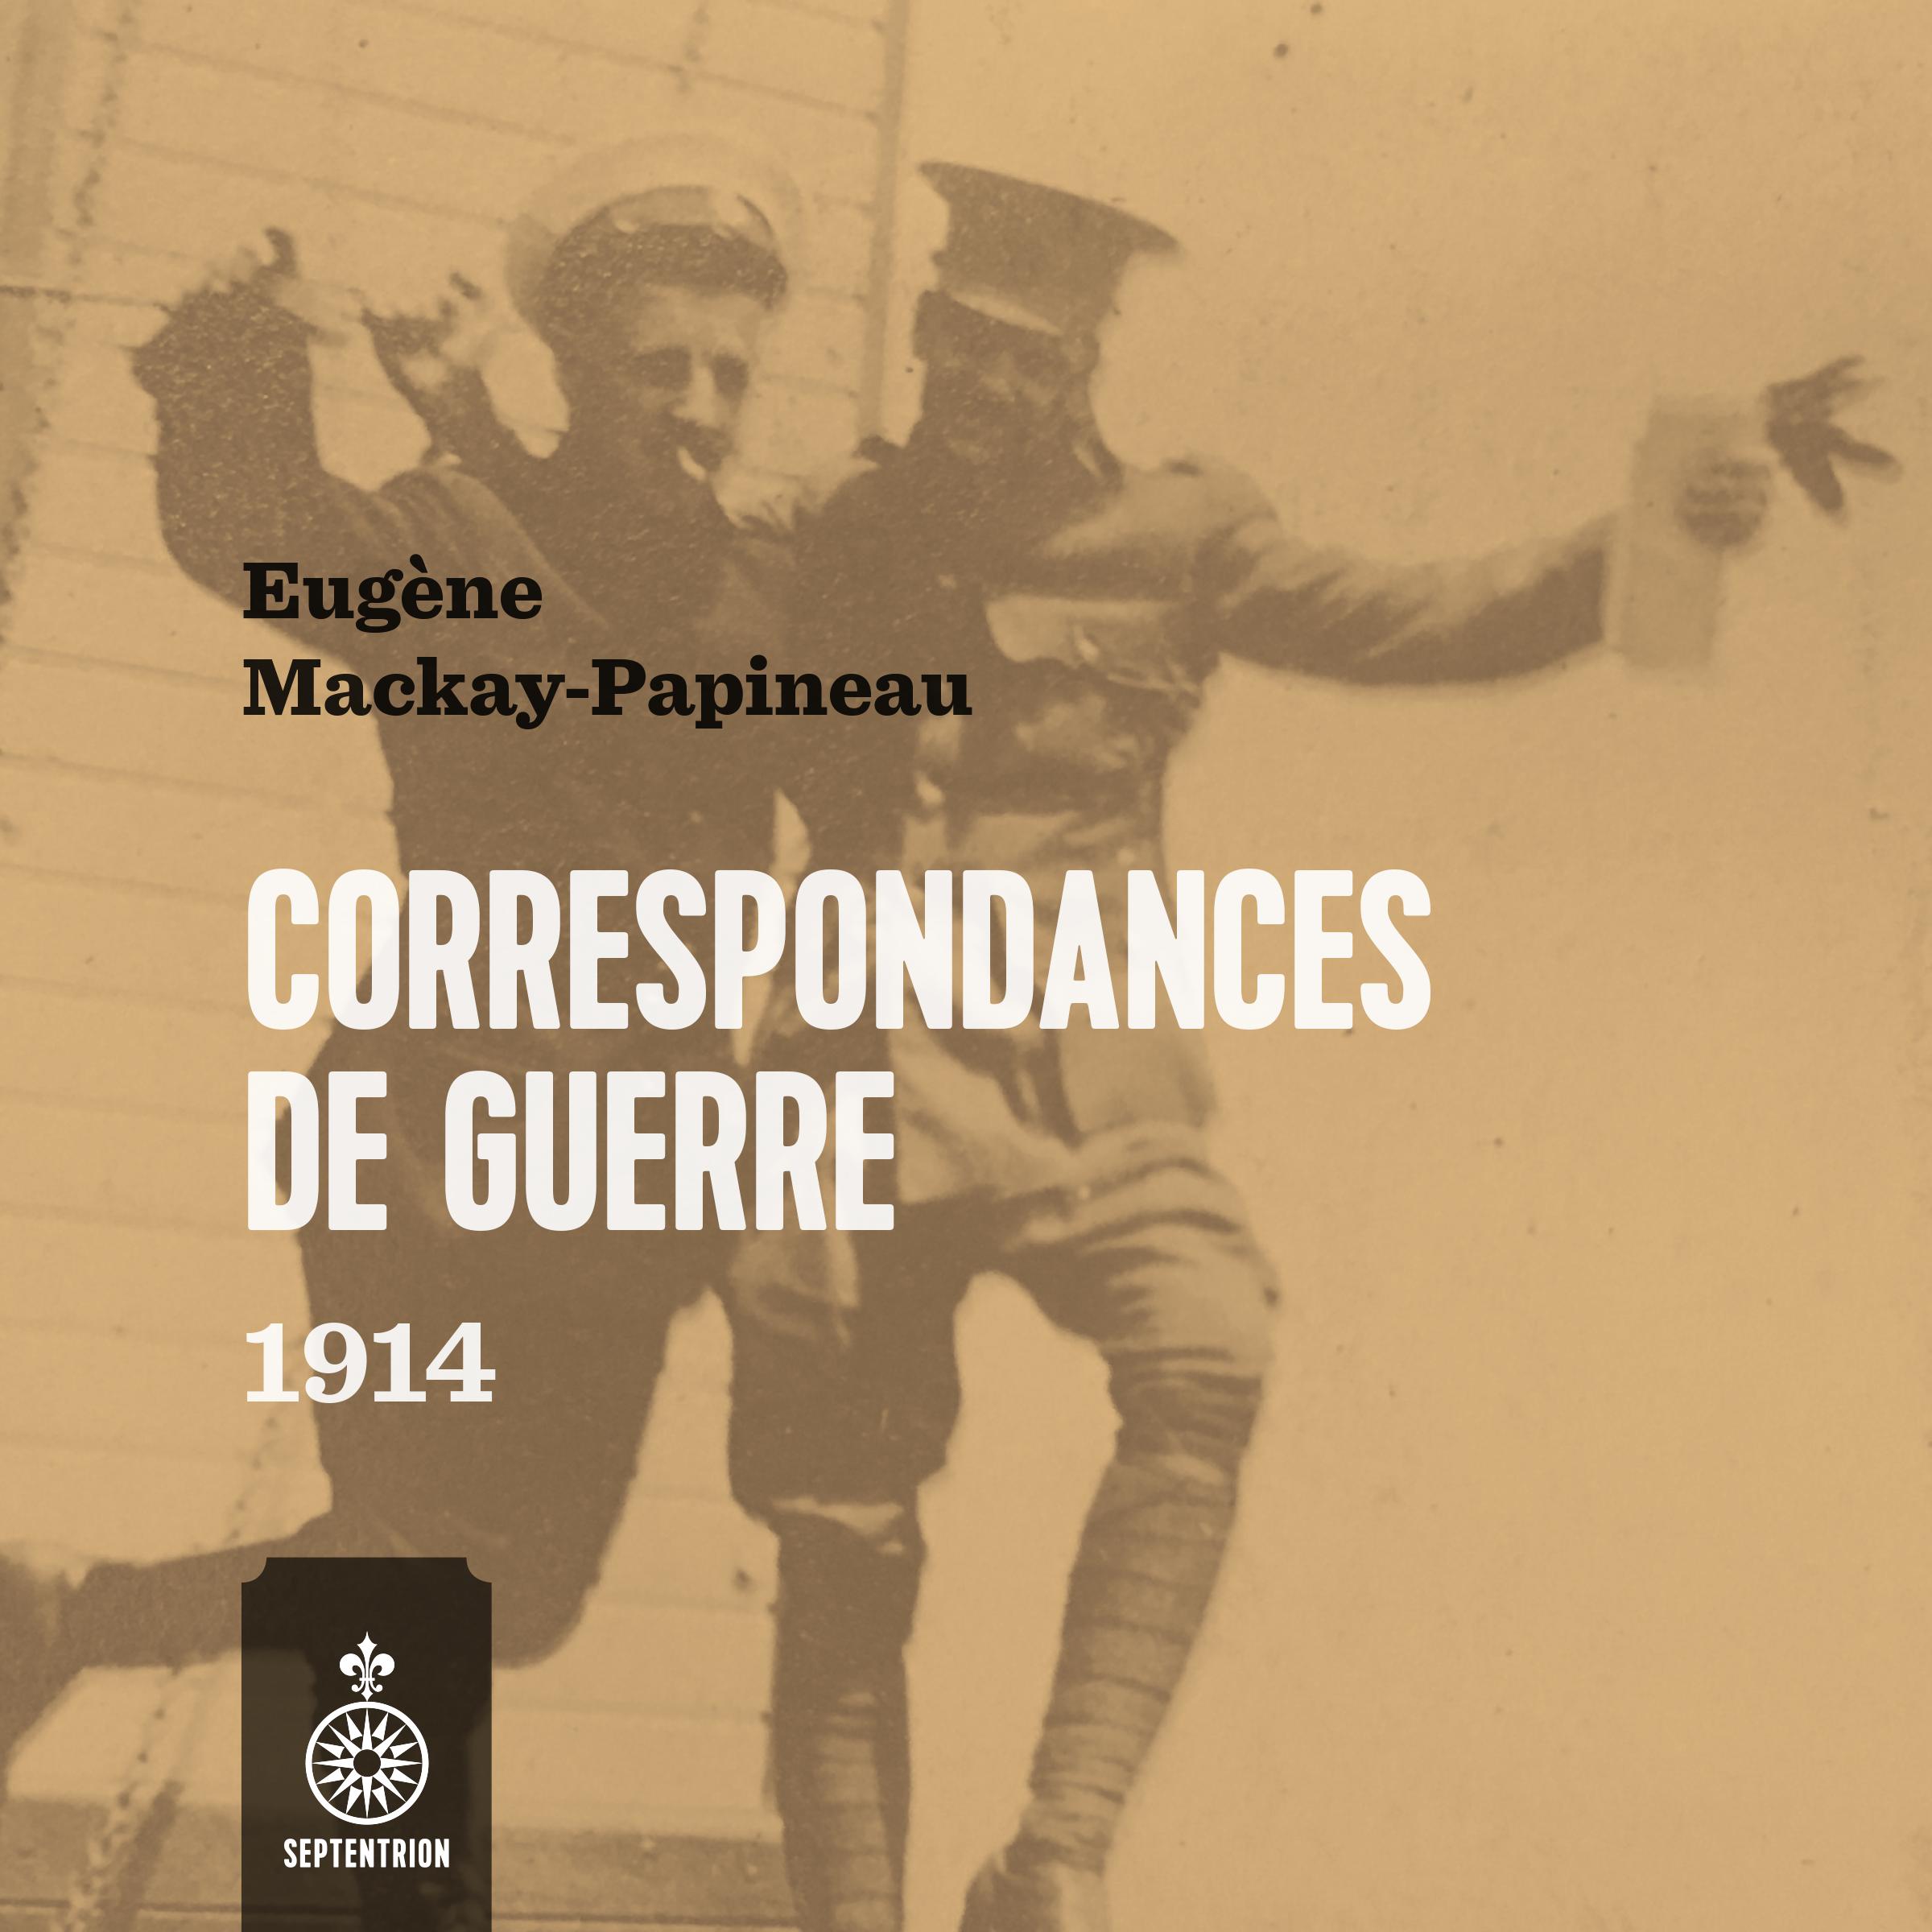 Correspondances de guerre 1914 - Eugène Mackay-Papineau